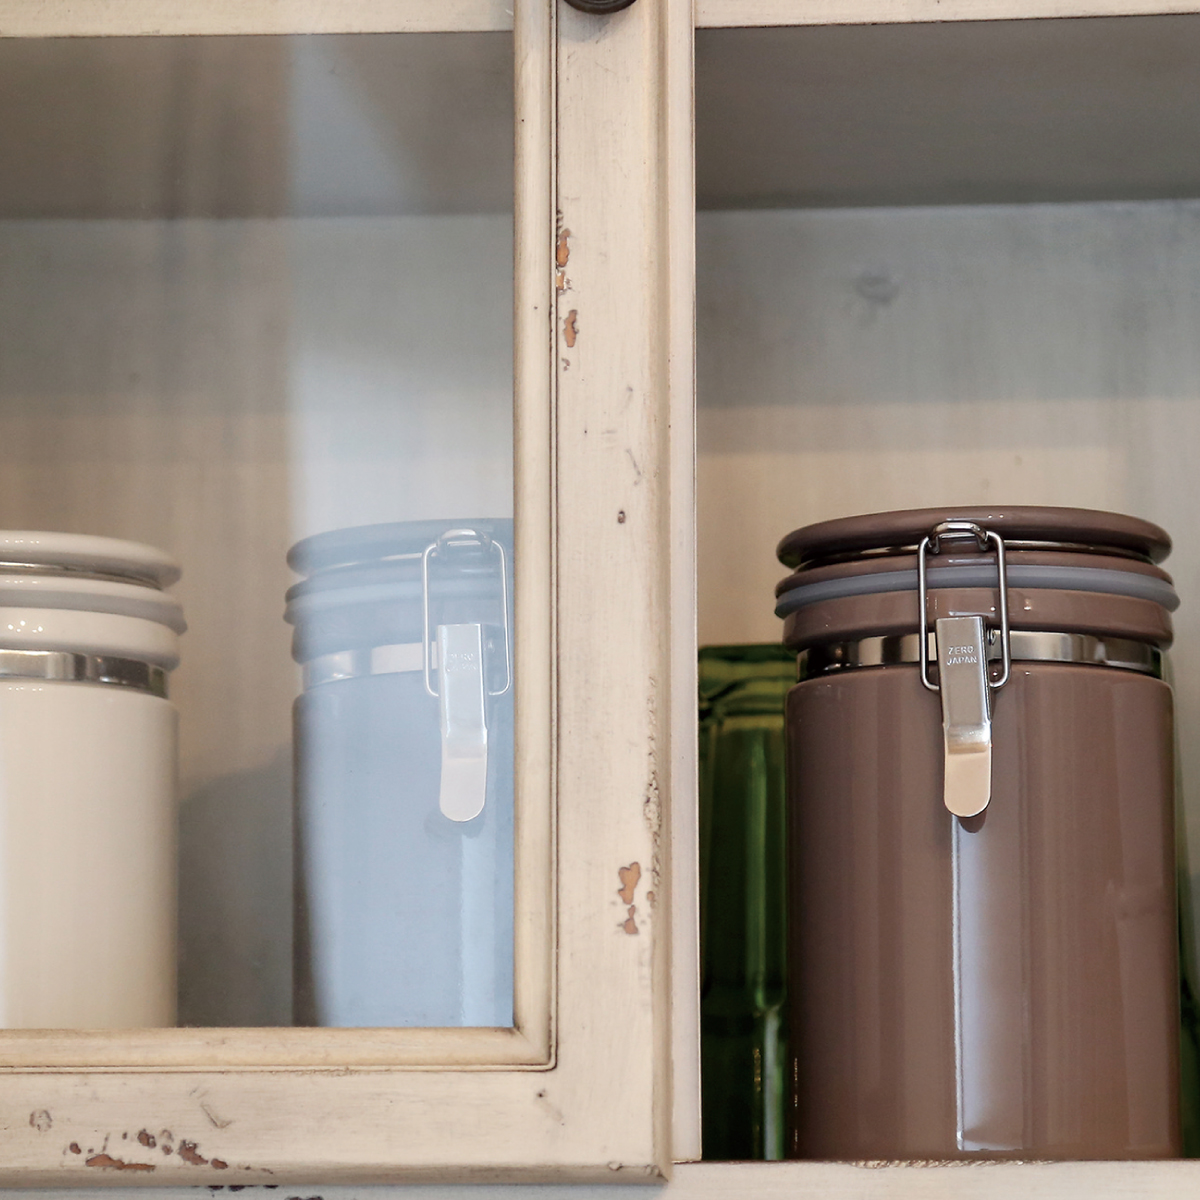 毎週更新 ゼロジャパン 日本製 お中元 陶製密封保存容器 コーヒーキャニスター200 保存容器 コーヒー豆 ZEROJAPAN